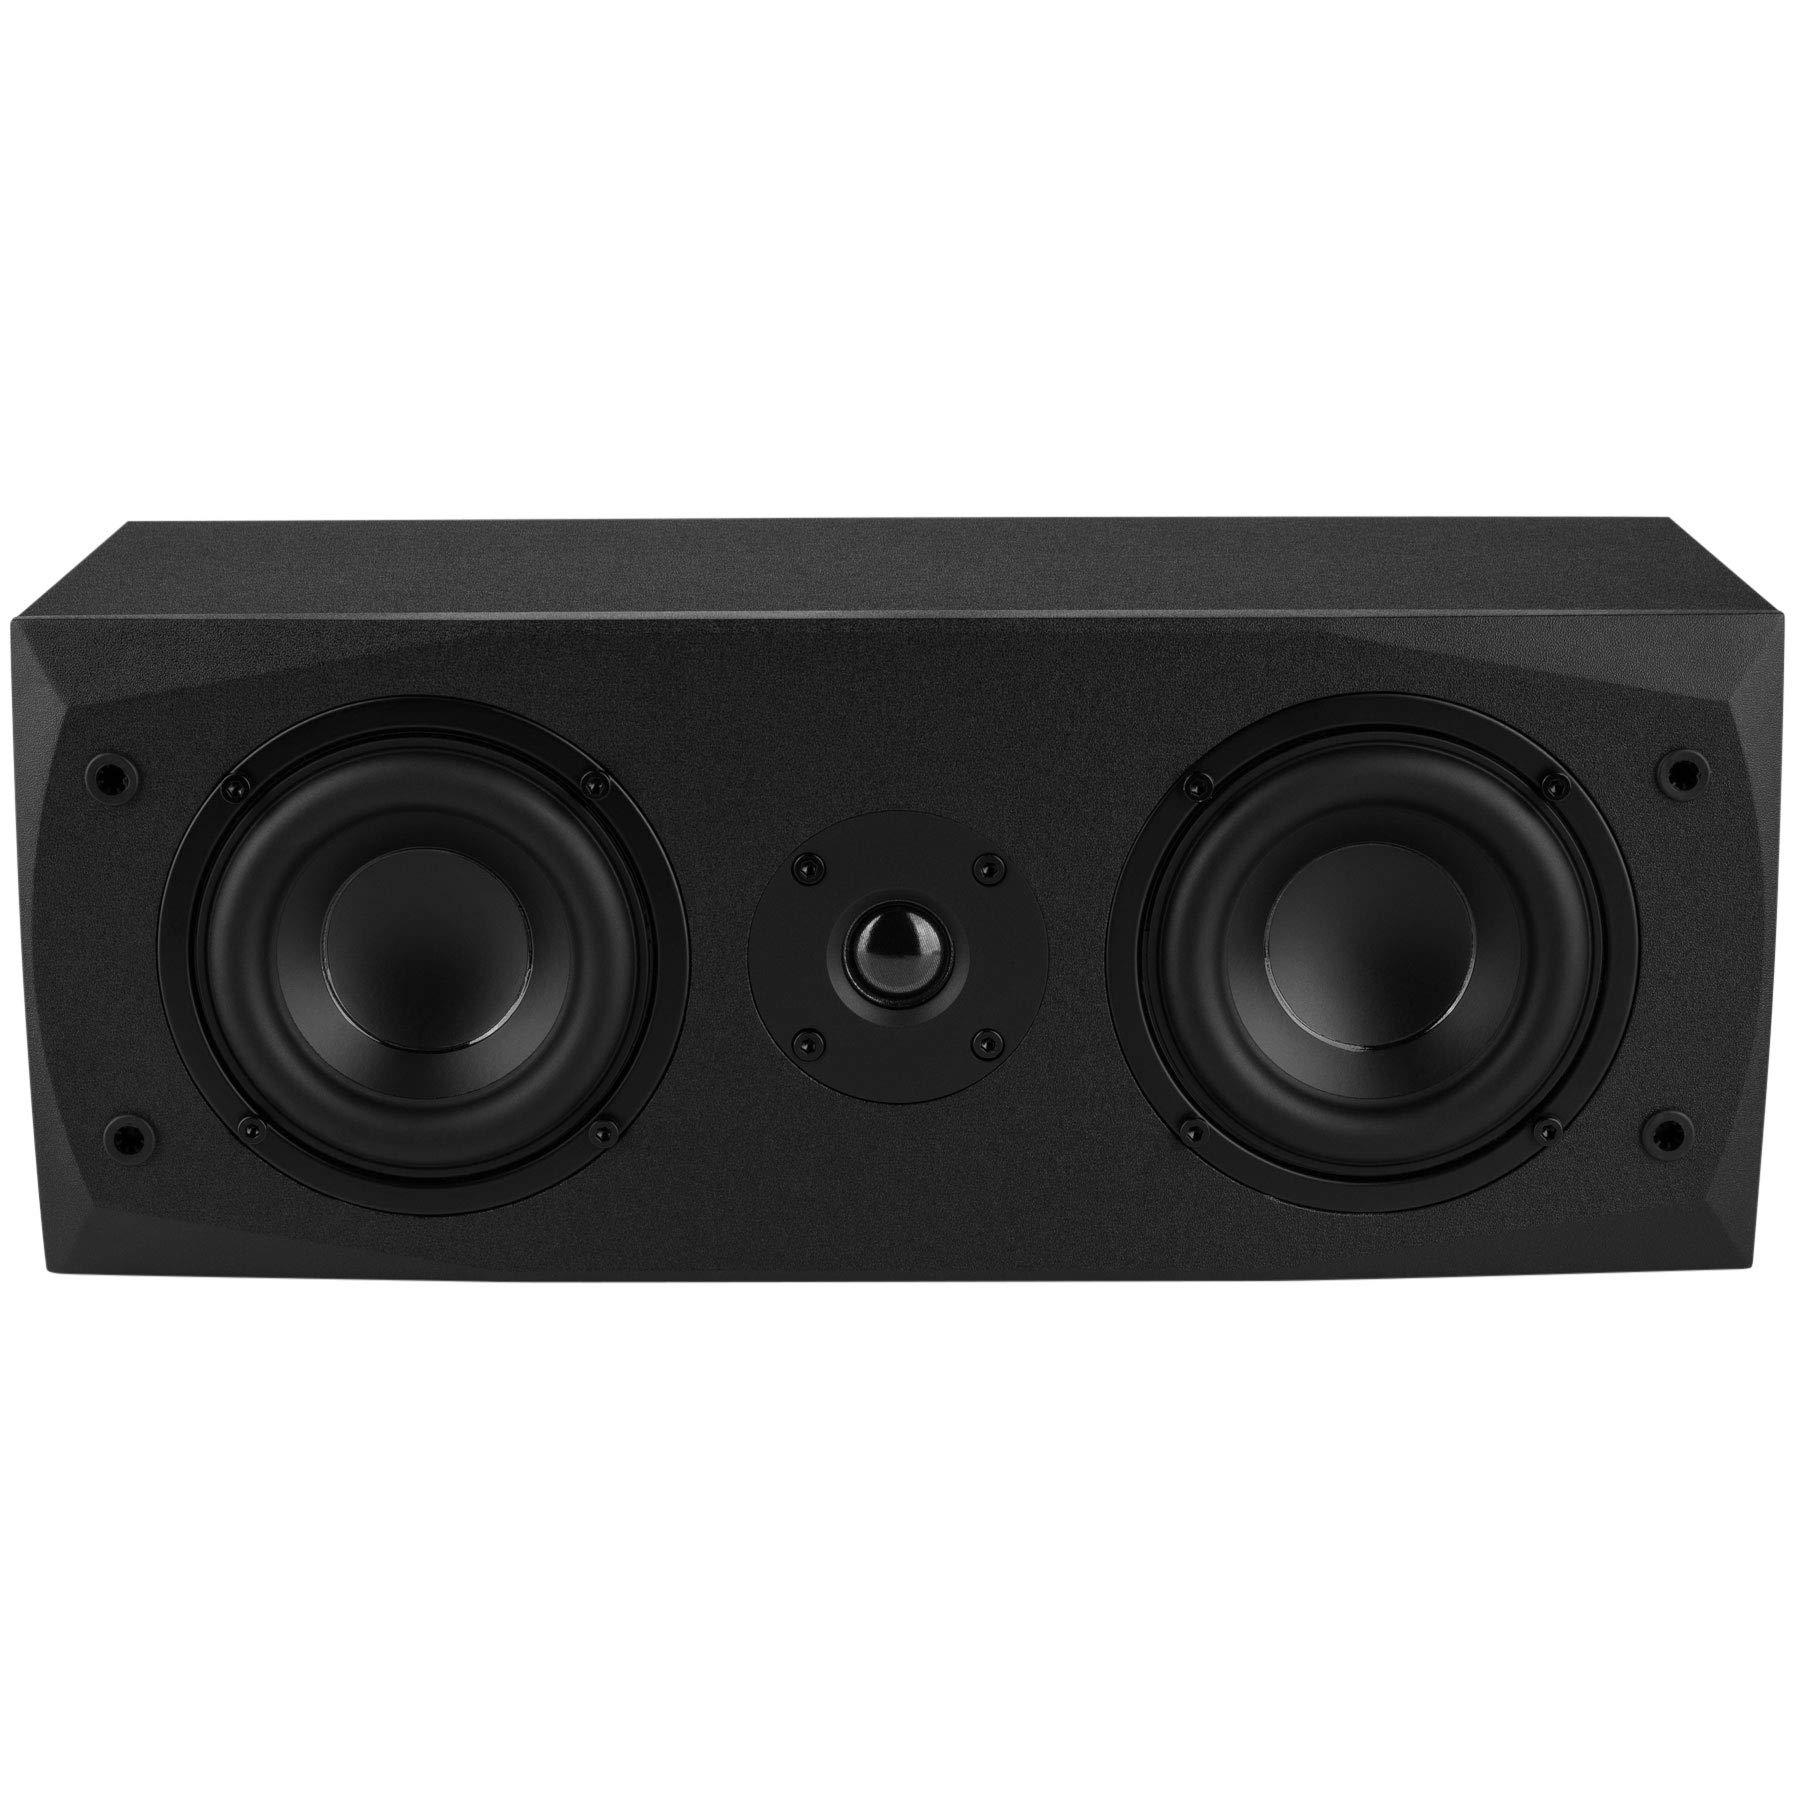 Dayton Audio MK442 Dual 4'' 2-Way Center Channel Speaker by Dayton Audio